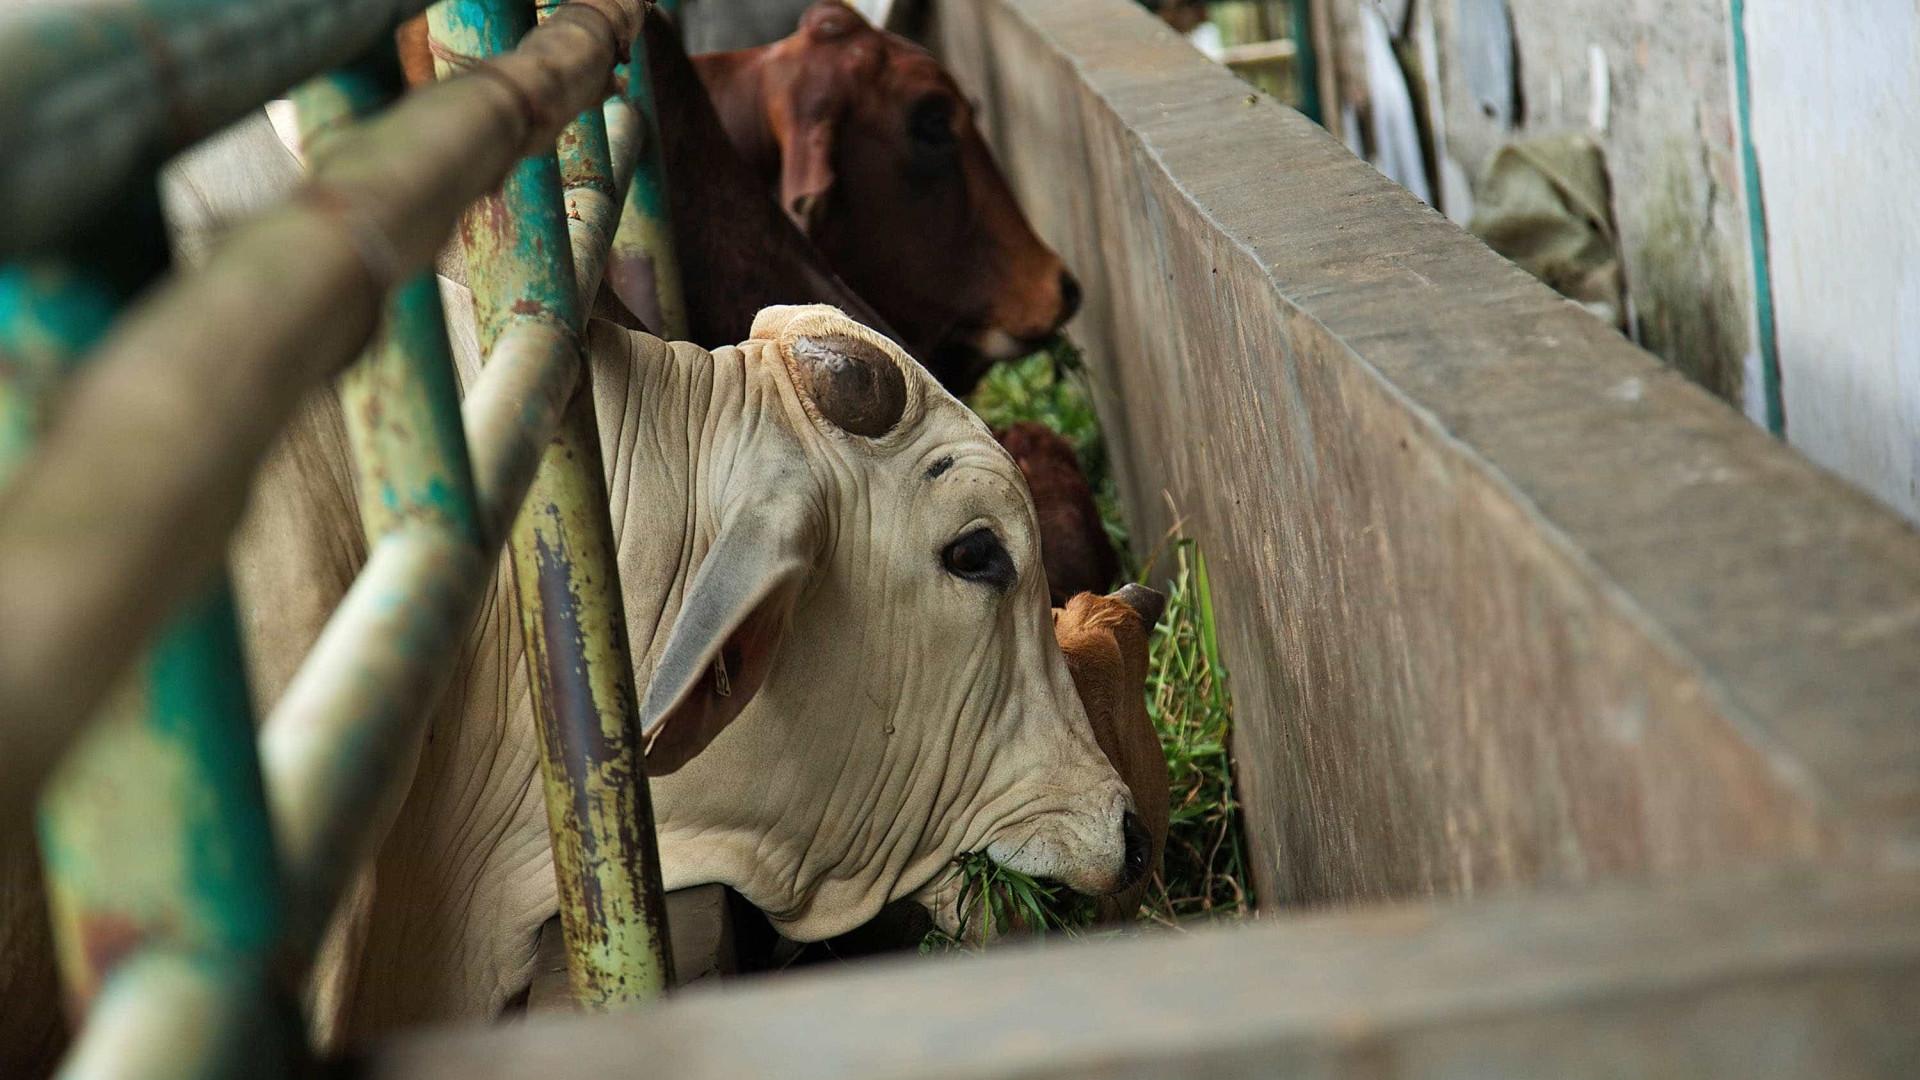 Carne doente: PAN volta a propor câmaras de vigilância em matadouros